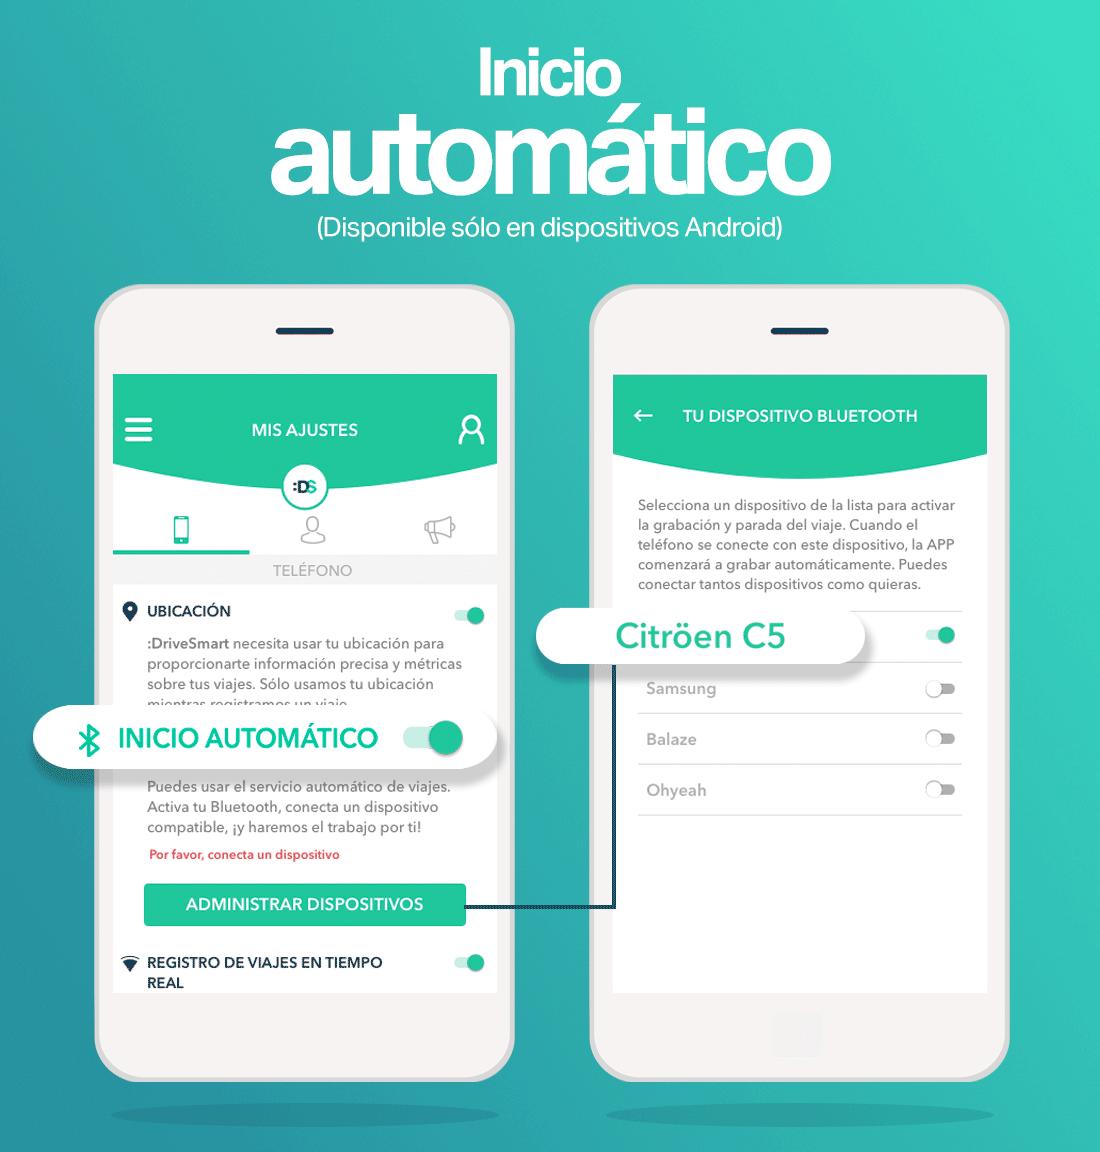 Inicio_automático-DriveSmart